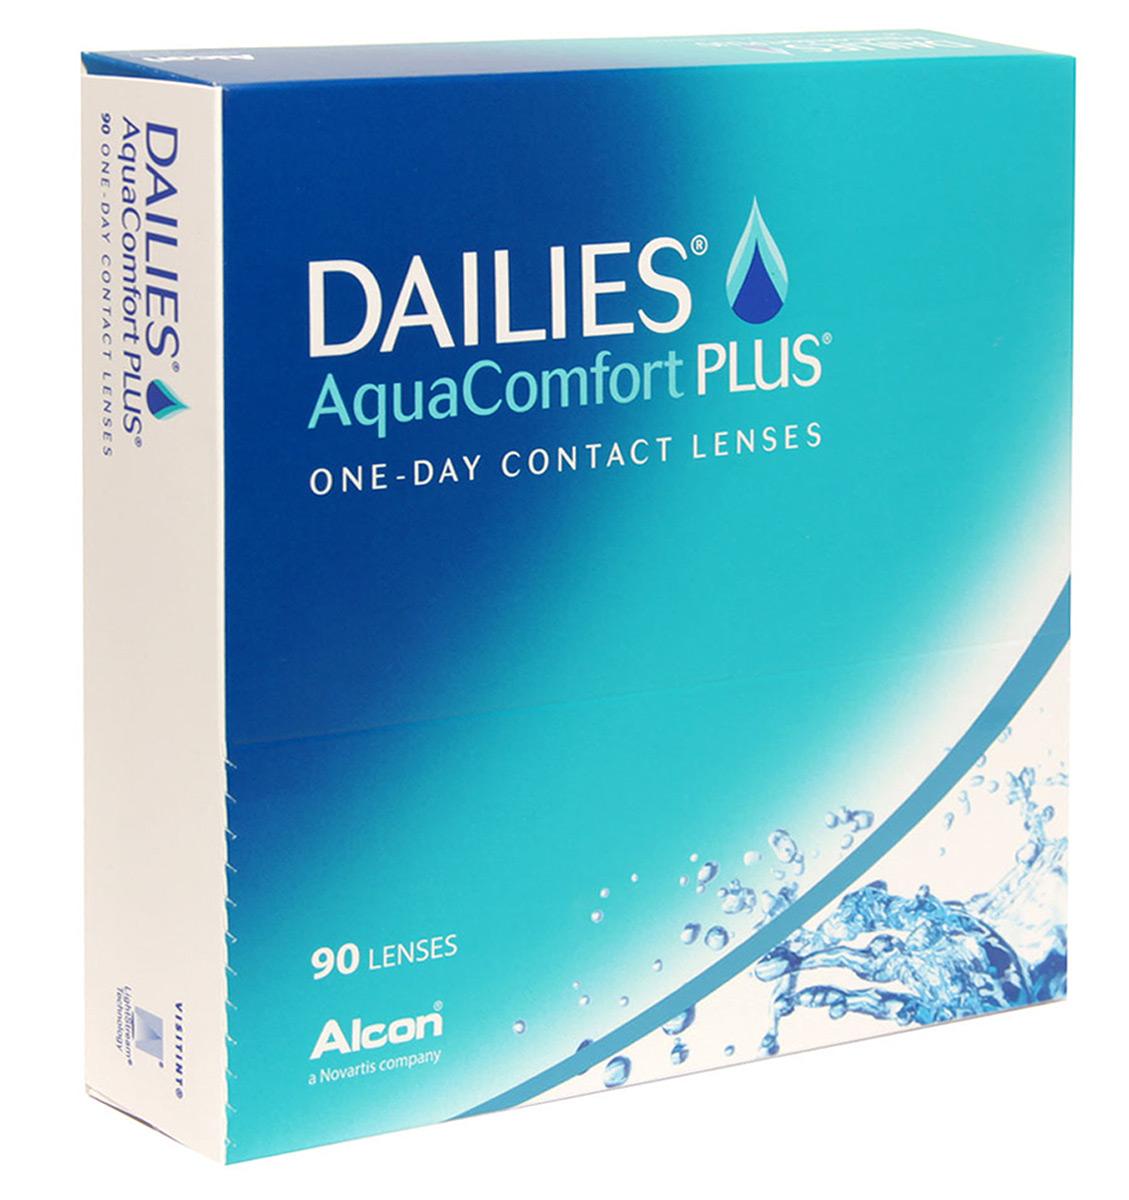 Alcon-CIBA Vision контактные линзы Dailies AquaComfort Plus (90шт / 8.7 / 14.0 / +3.50)39515Dailies Aqua Comfort Plus (90 блистеров) – это одни из самых популярных однодневных линз производства компании CIBA VISION. Эти линзы пользуются огромной популярностью во всем мире и являются на сегодняшний день самыми безопасными контактными линзами. Изготавливаются линзы из современного, 100% безопасного материала нелфилкон А. Особенность этого материала в том, что он легко пропускает воздух и хорошо сохраняет влагу. Однодневные контактные линзы Dailies Aqua Comfort Plus не нуждаются в дополнительном уходе и затратах, каждый день вы надеваете свежую пару линз. Дизайн линзы биосовместимый, что гарантирует безупречный комфорт. Самое главное достоинство Dailies Aqua Comfort Plus – это их уникальная система увлажнения. Благодаря этой разработке линзы увлажняются тремя различными агентами. Первый компонент, ухаживающий за линзами, находится в растворе, он как бы обволакивает линзу, обеспечивая чрезвычайно комфортное надевание. Второй агент выделяется на протяжении всего дня, он непрерывно смачивает линзы. Третий – увлажняющий агент, выделяется во время моргания, благодаря ему поддерживается постоянный комфорт. Также линзы имеют УФ-фильтр, который будет заботиться о ваших глазах. Dailies Aqua Comfort Plus одни из лучших линз в своей категории. Всемирно известная компания CIBAVISION, создавая эти контактные линзы, попыталась учесть все потребности пациентов и ей это удалось!Кривизна, Mm: /8.7/.Оптическая сила,mm: +3.50.Содержание воды, %: 69.Контактные линзы или очки: советы офтальмологов. Статья OZON Гид